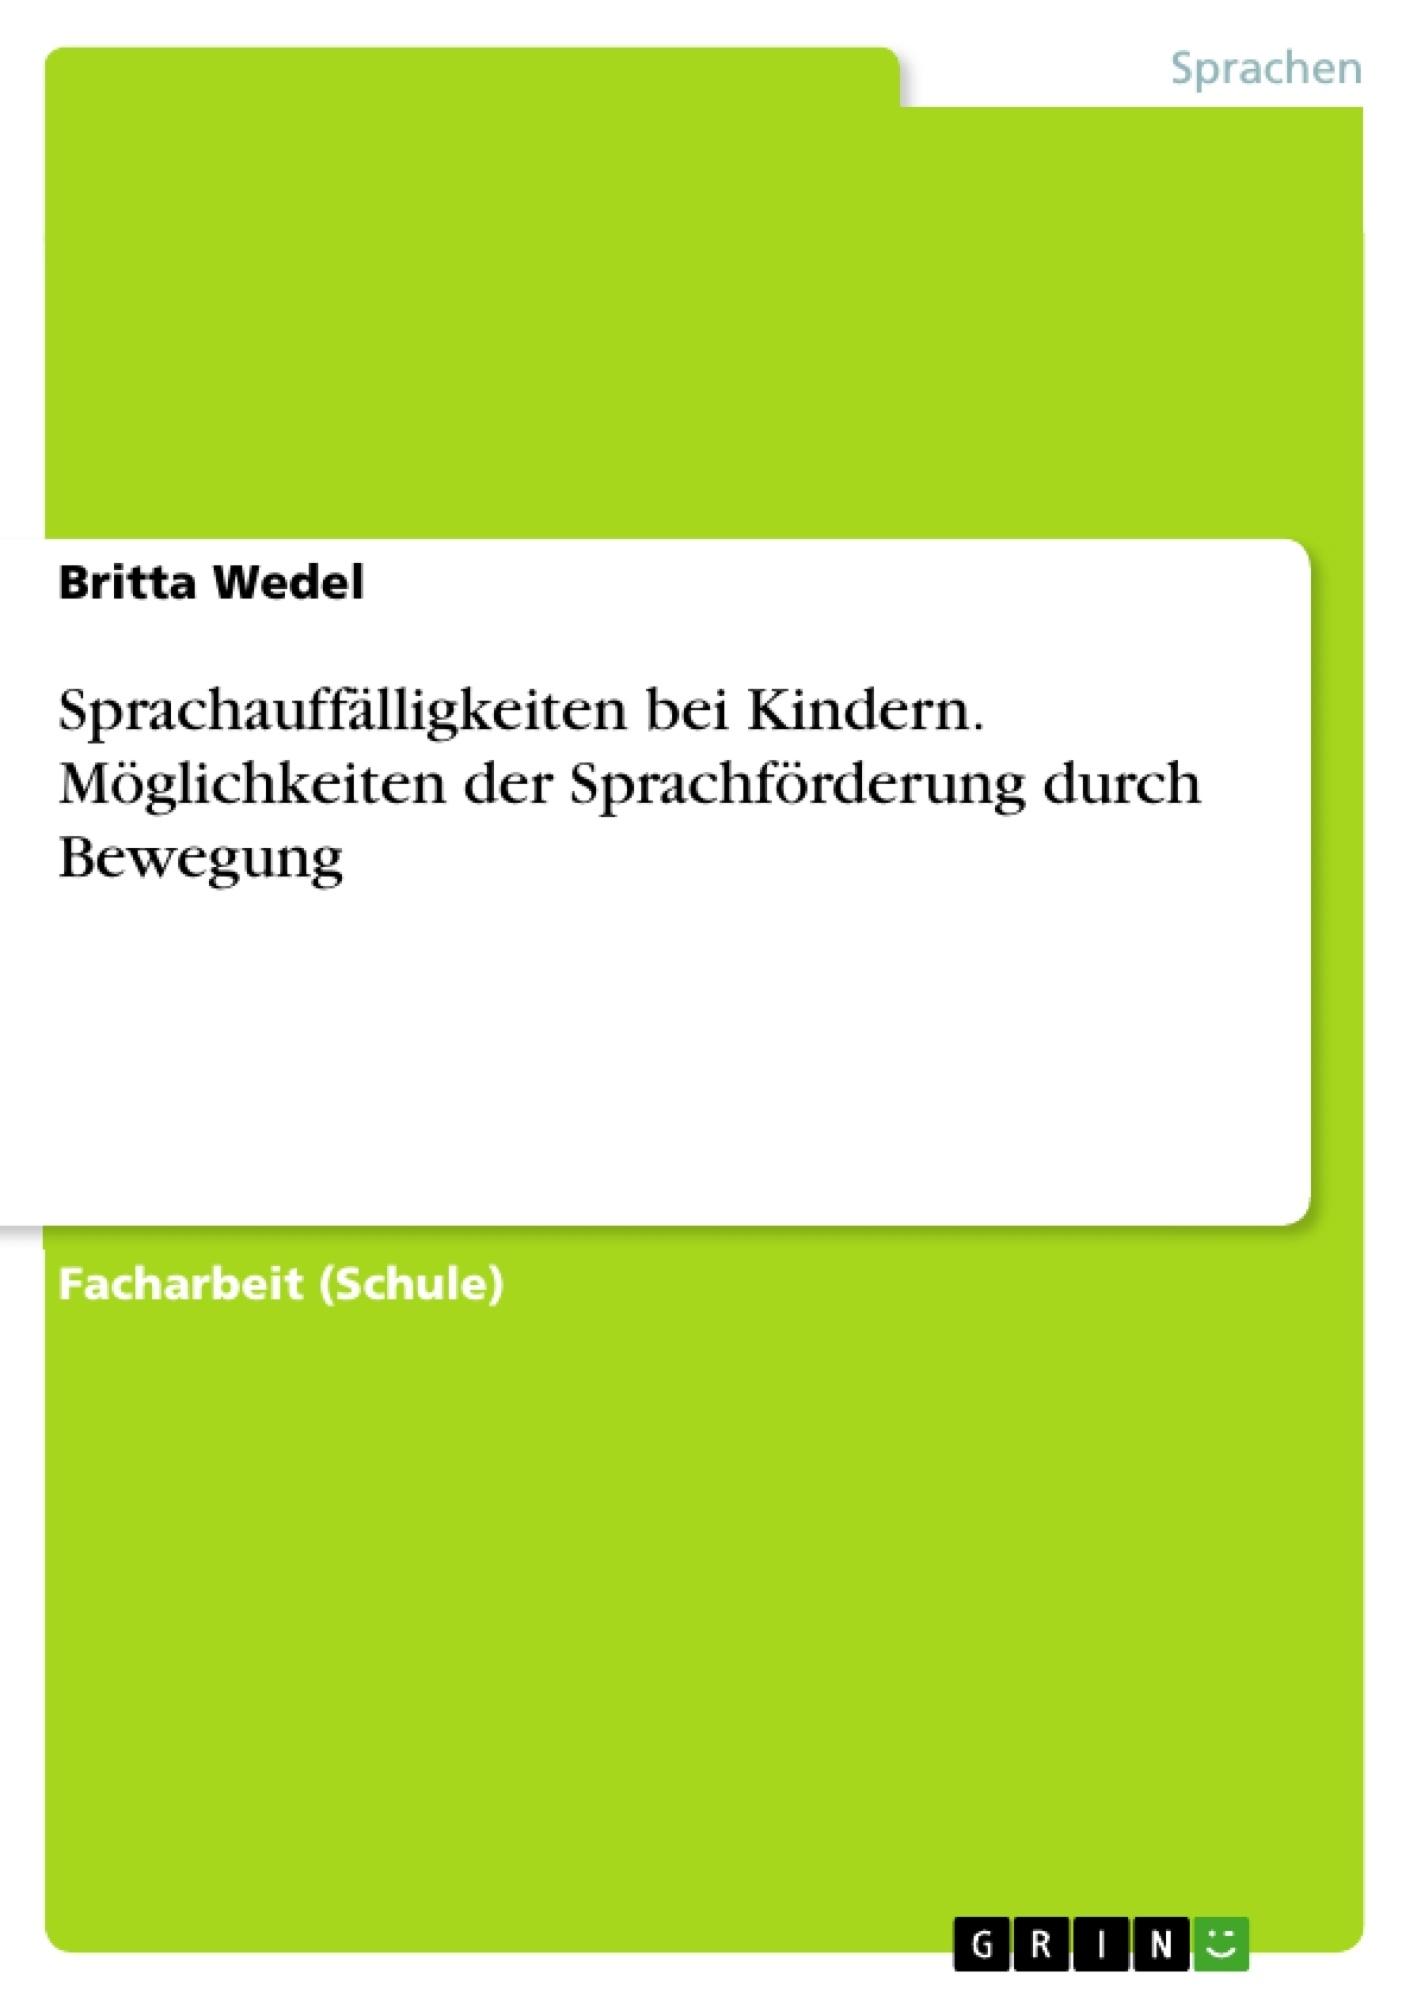 Titel: Sprachauffälligkeiten bei Kindern. Möglichkeiten der Sprachförderung durch Bewegung